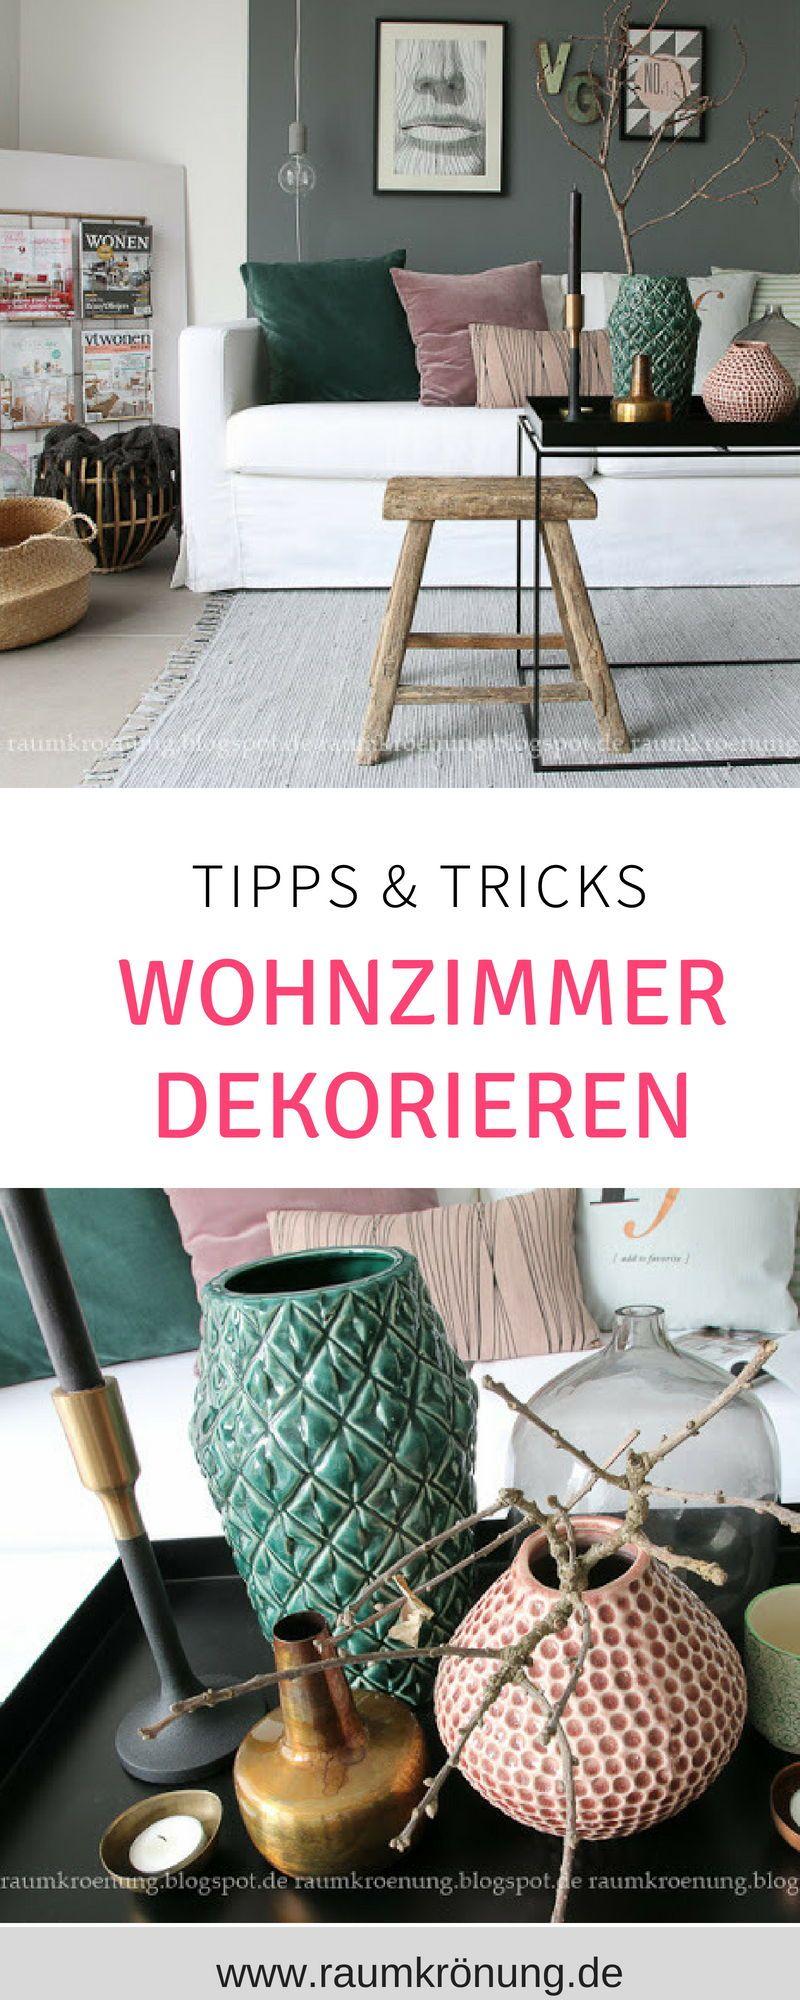 Wohnzimmerstil 2018 skandinavischer wohnstil skandinavischer stil skandinavischer